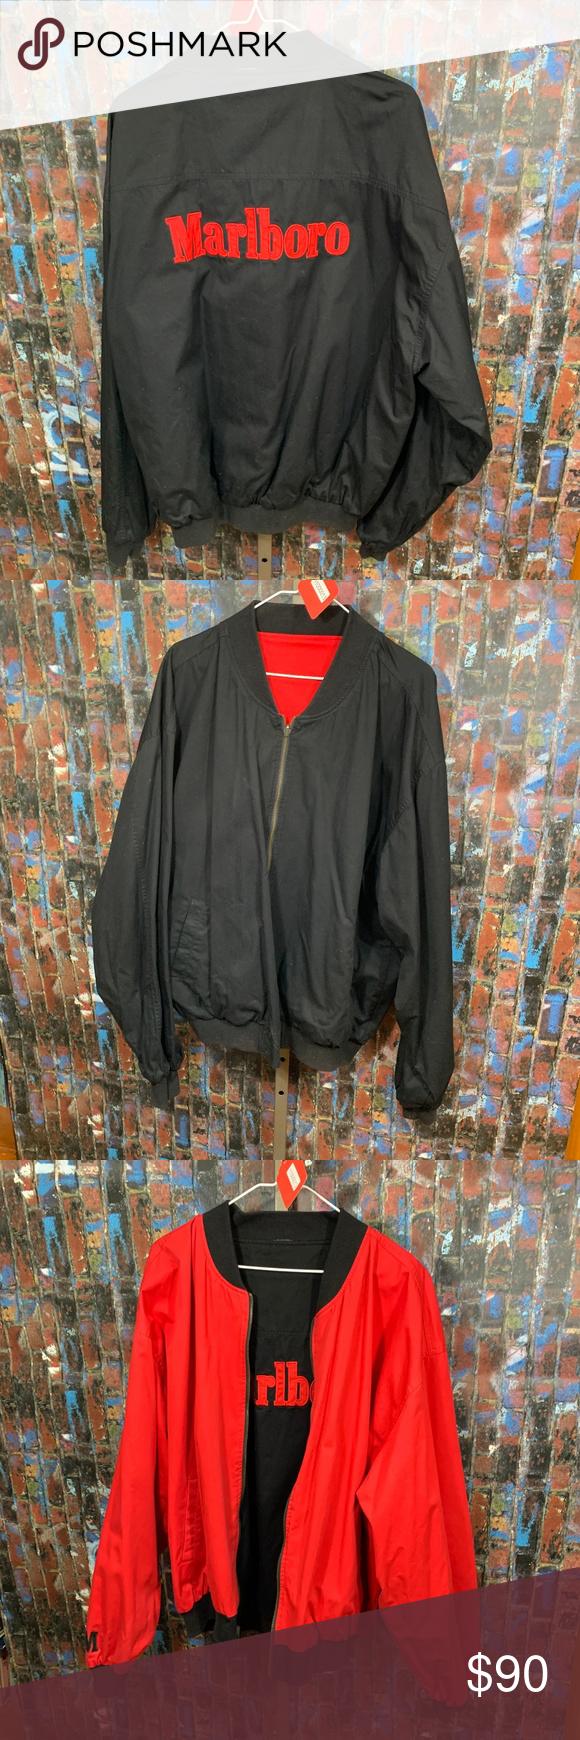 Reversible Marlboro Jacket Marlboro Jacket Jackets Bomber Jacket